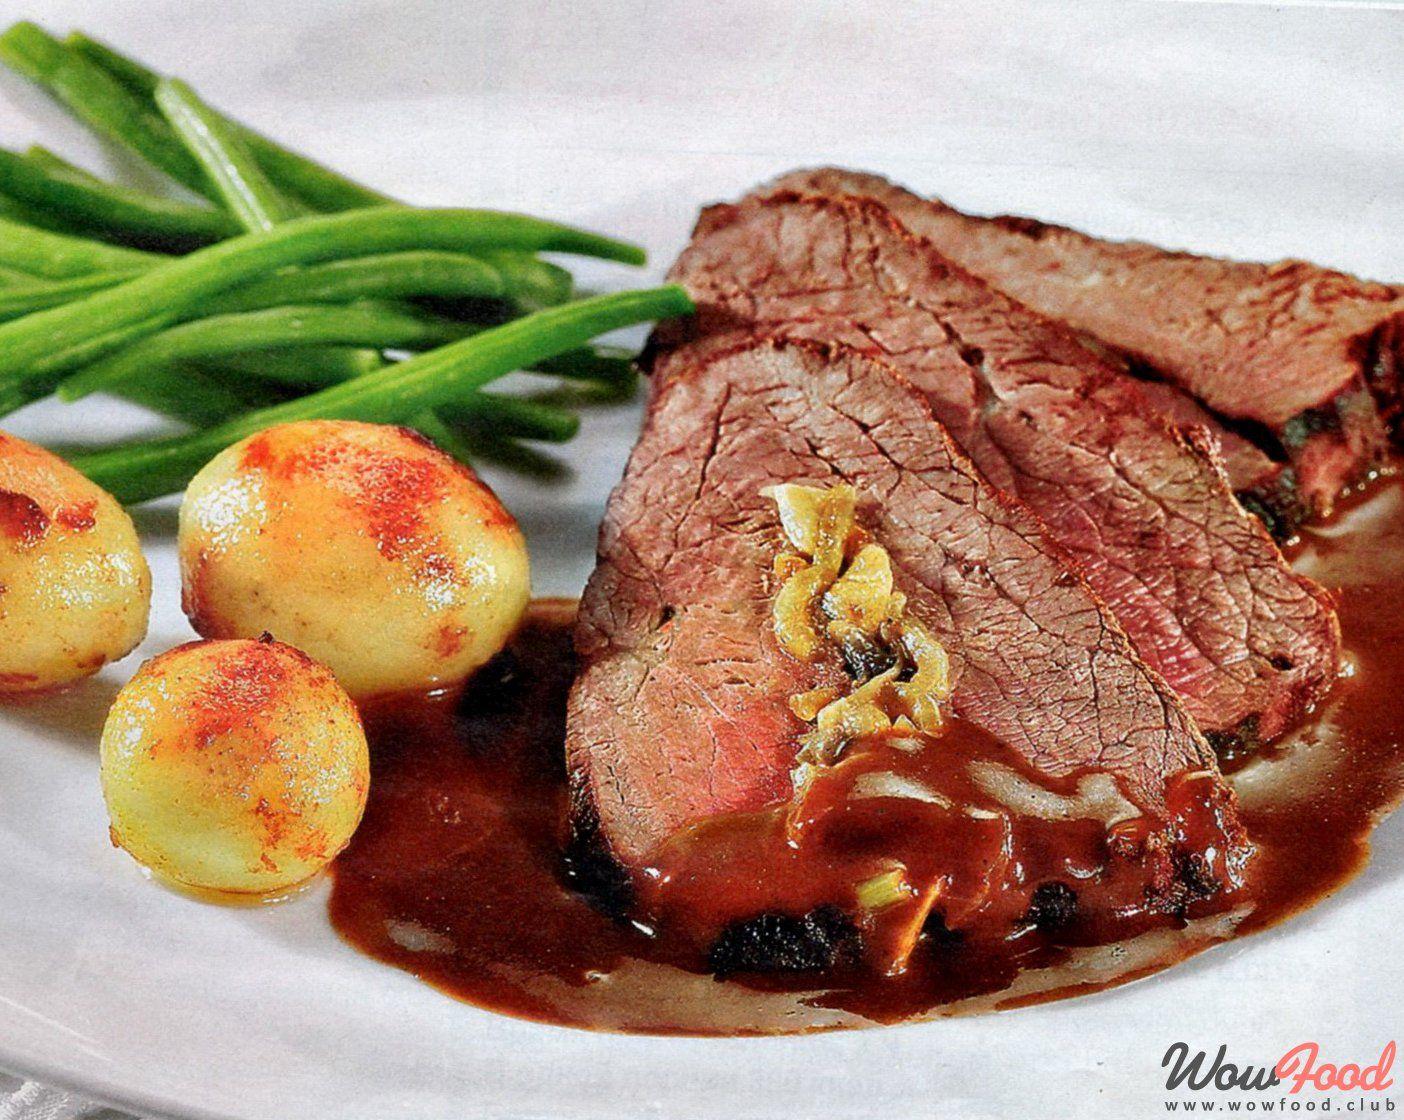 рецепты блюд из мяса свинины с фото нее диагностировали повышенный